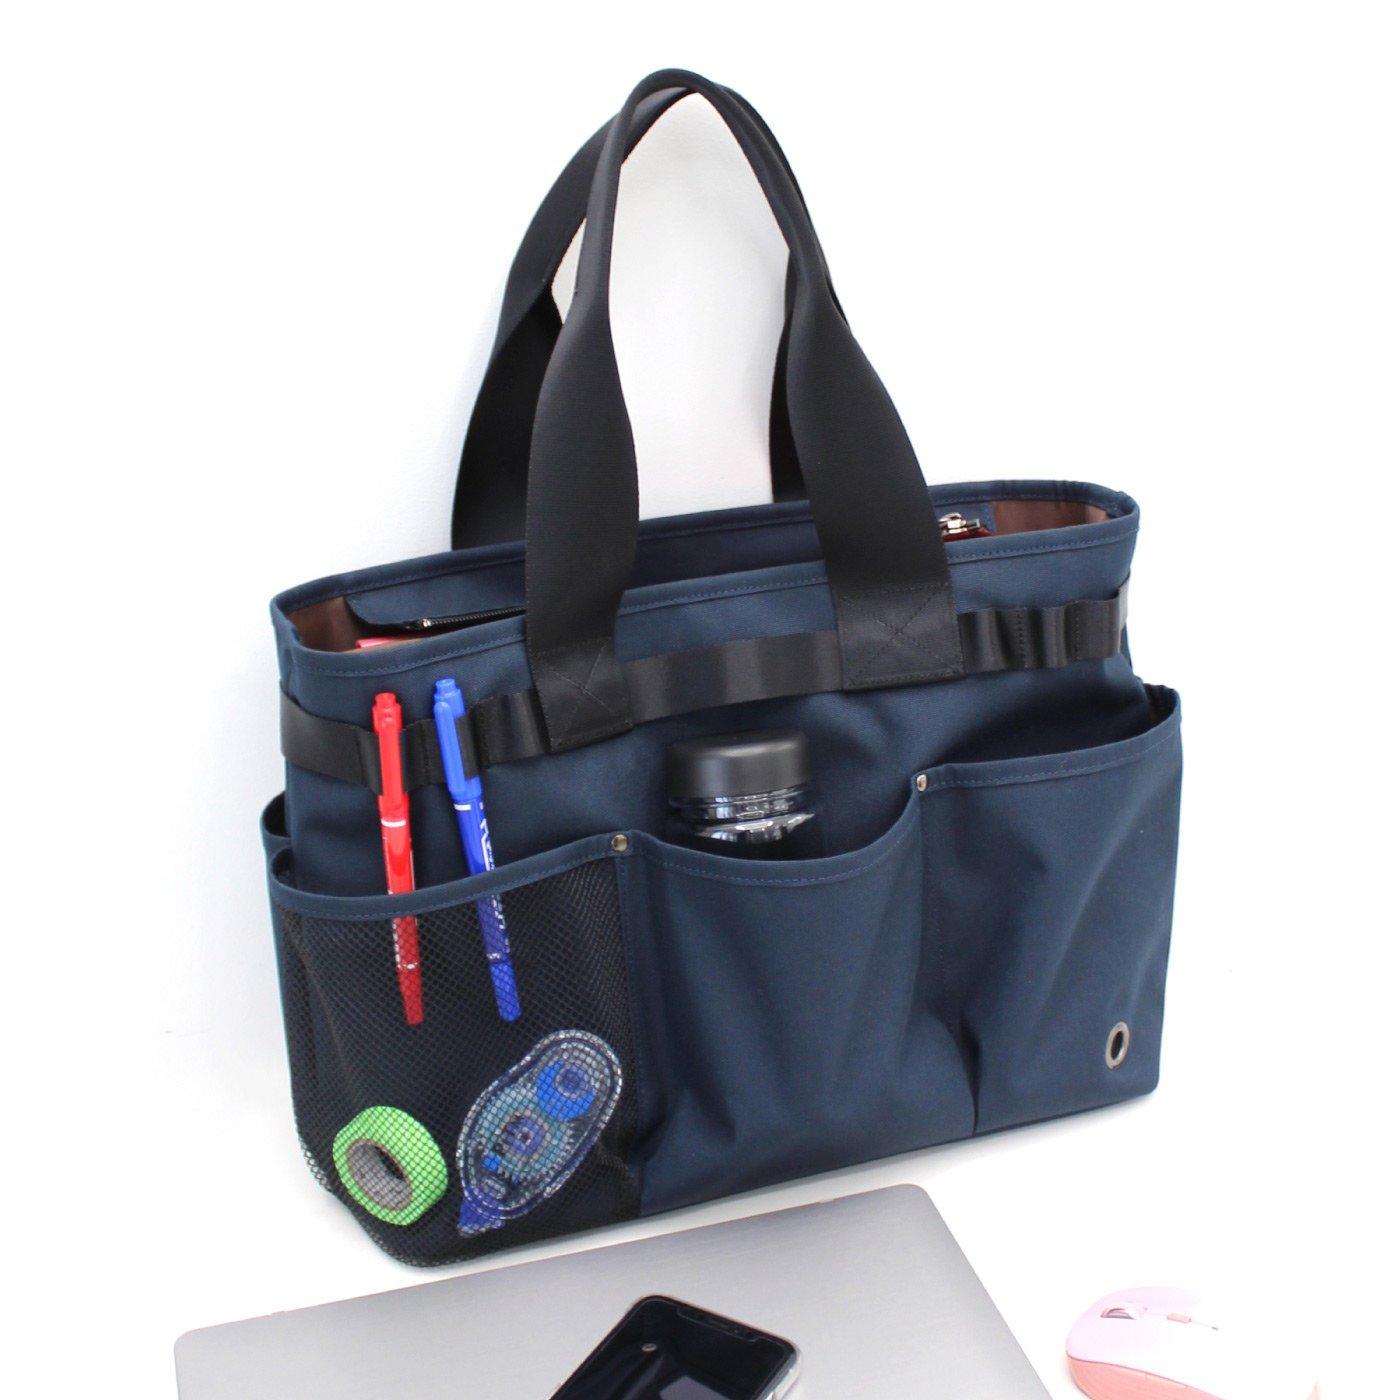 IEDIT[イディット] ポケットいっぱいで収納上手! ノートパソコンが入ってお仕事道具の持ち運びに便利なテレワークバッグ〈ネイビー〉